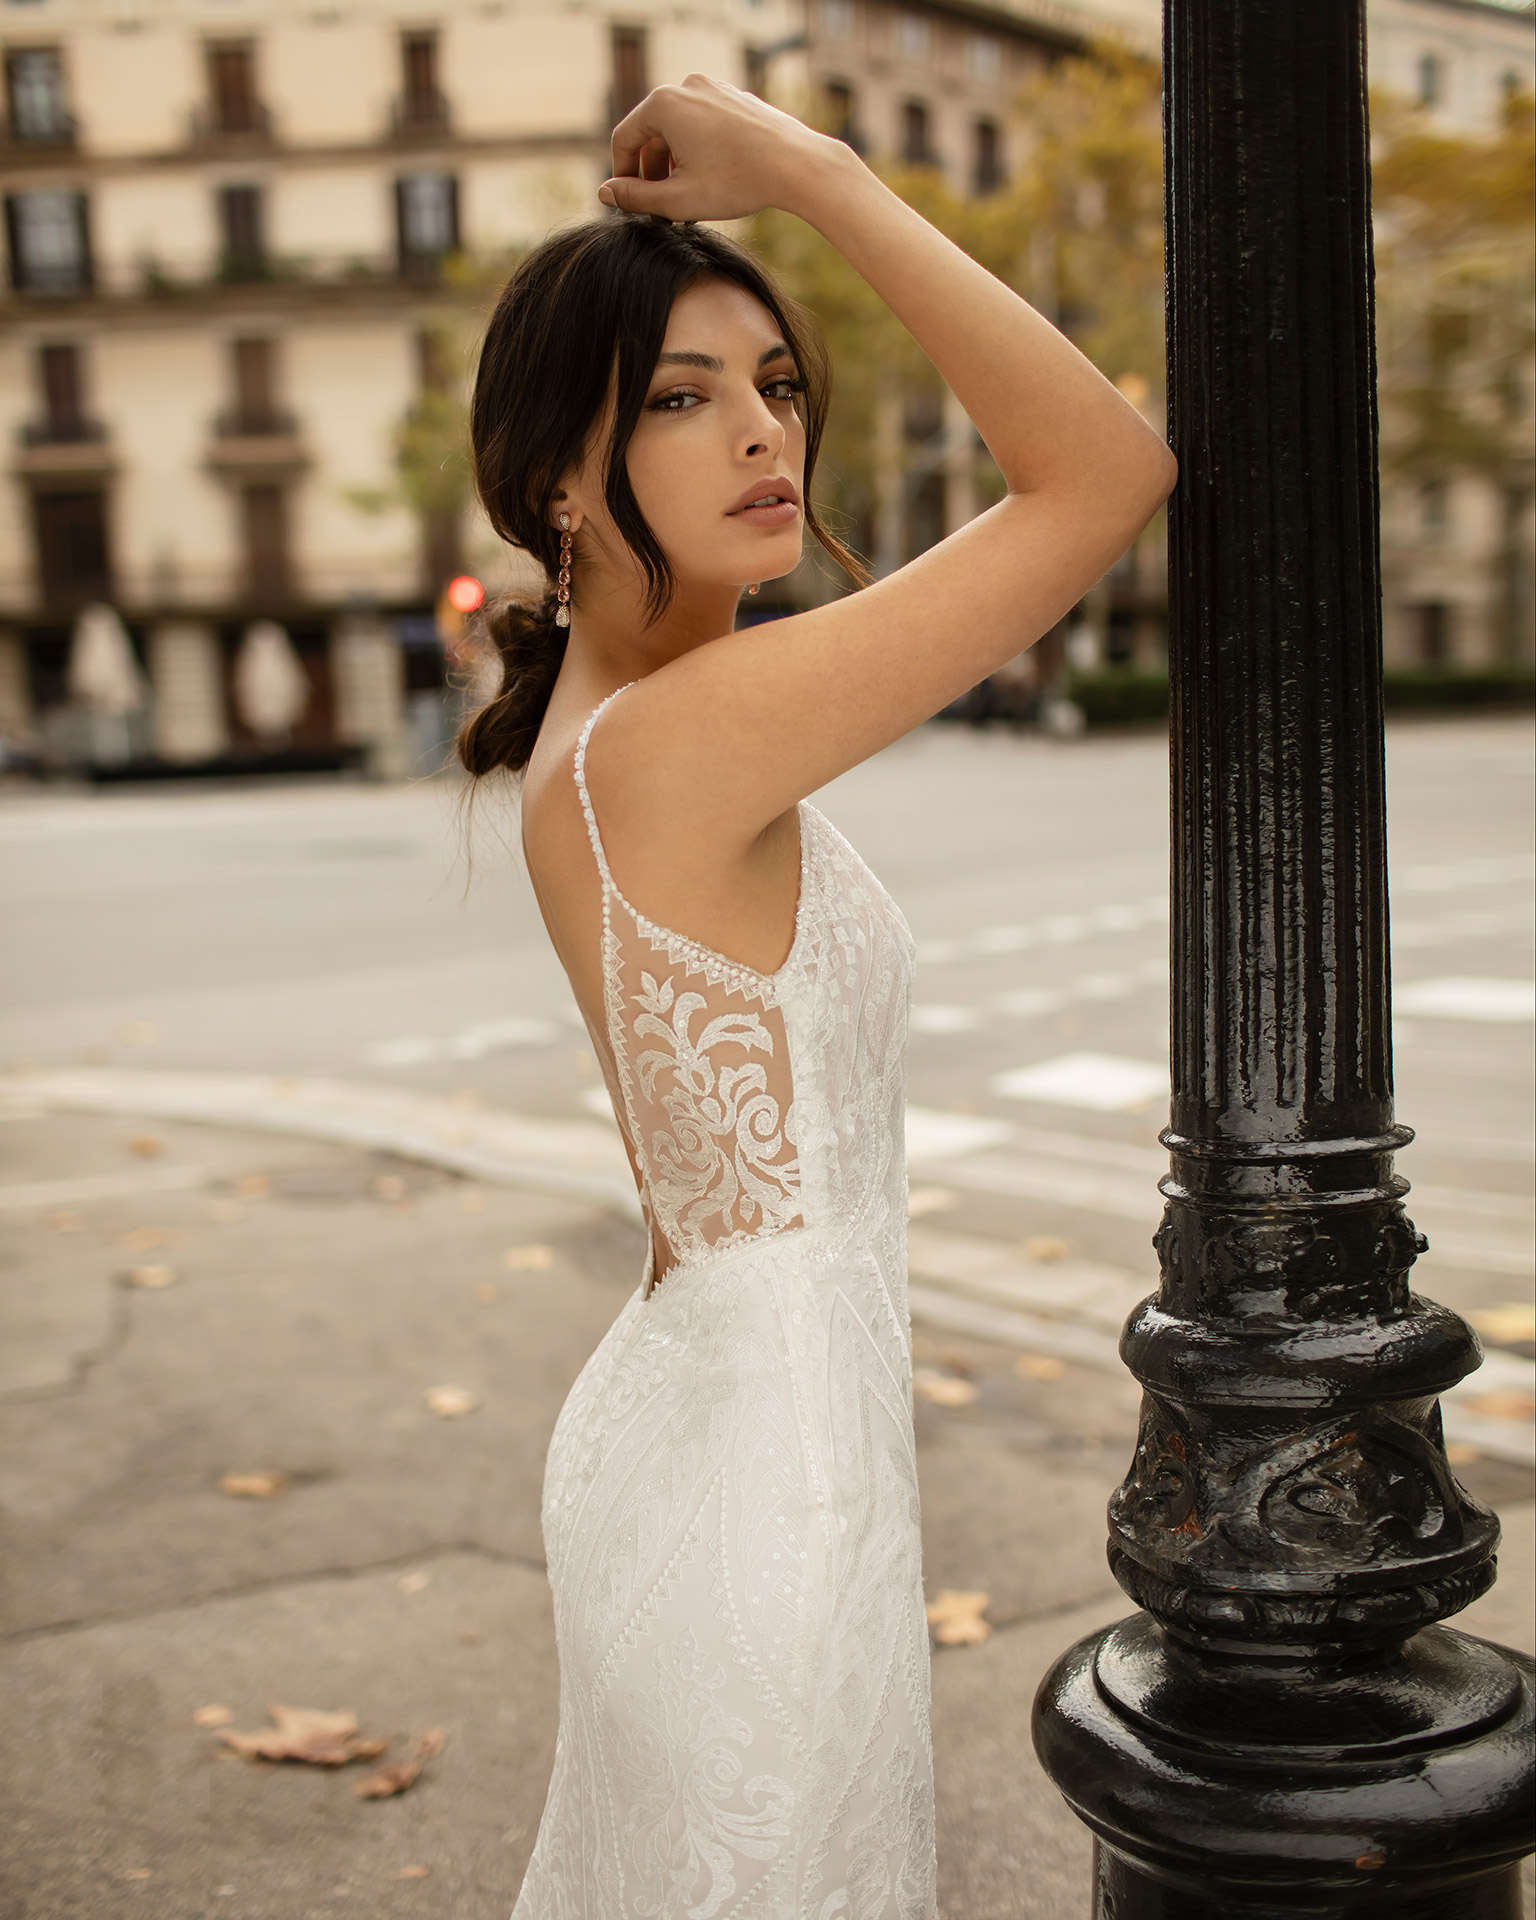 Vestido de novia corte sirena de encaje con pedrería con escote en V y espalda escotada. Colección ALMA_NOVIA 2020.